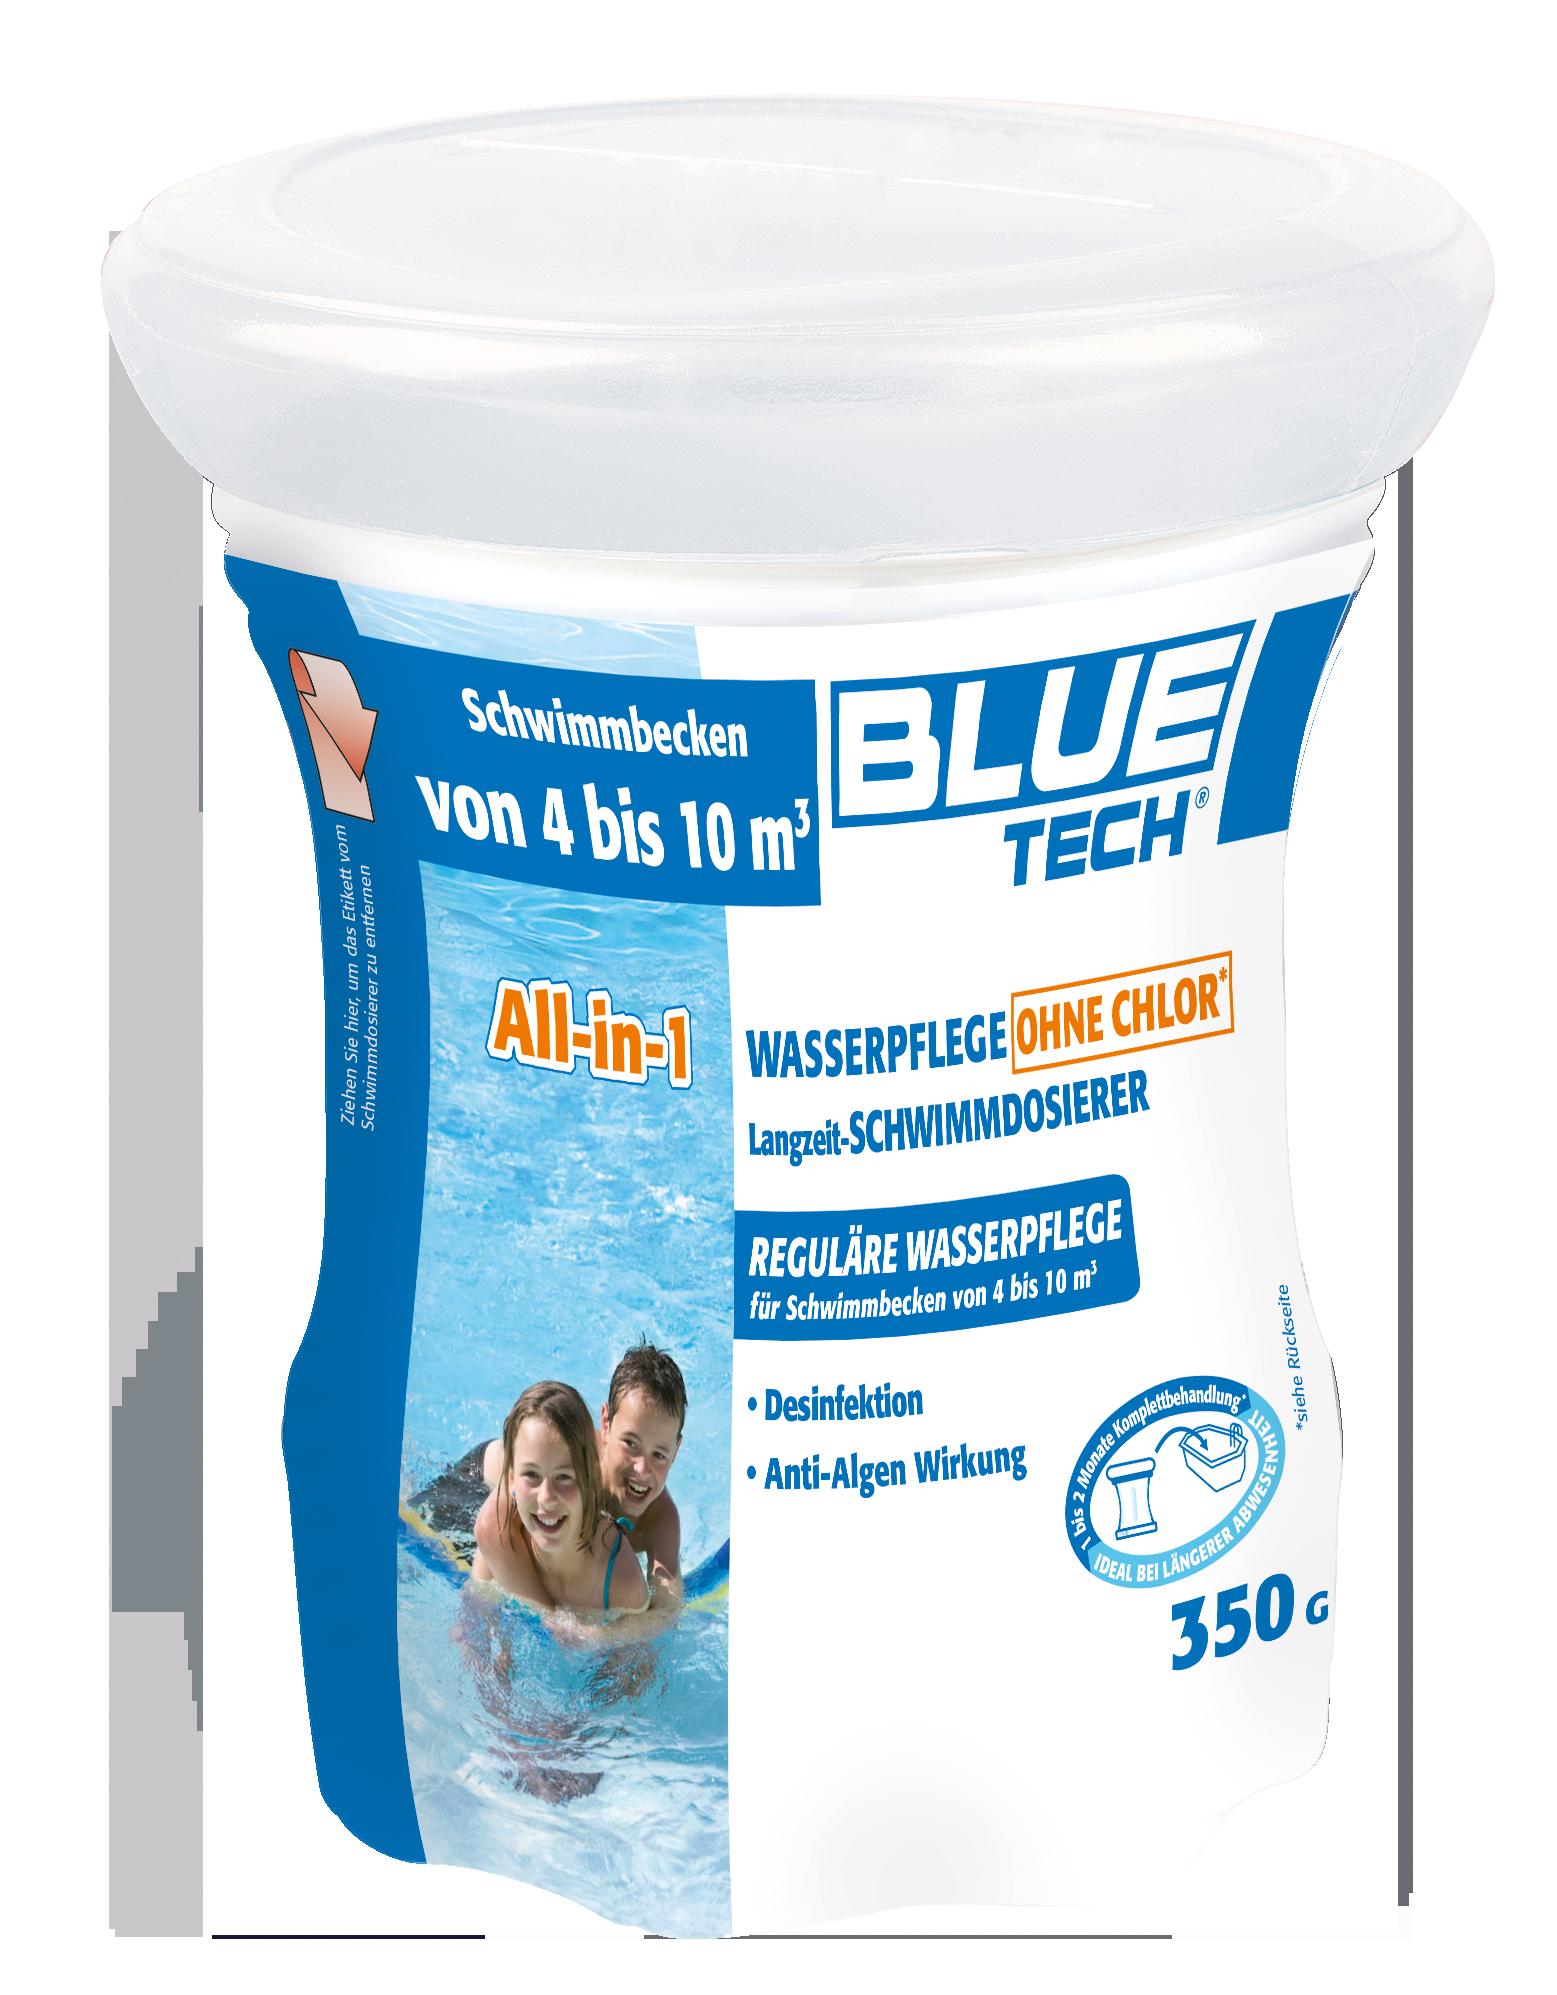 All-in-1 Wasserpflege ohne Chlor von 4-10m³